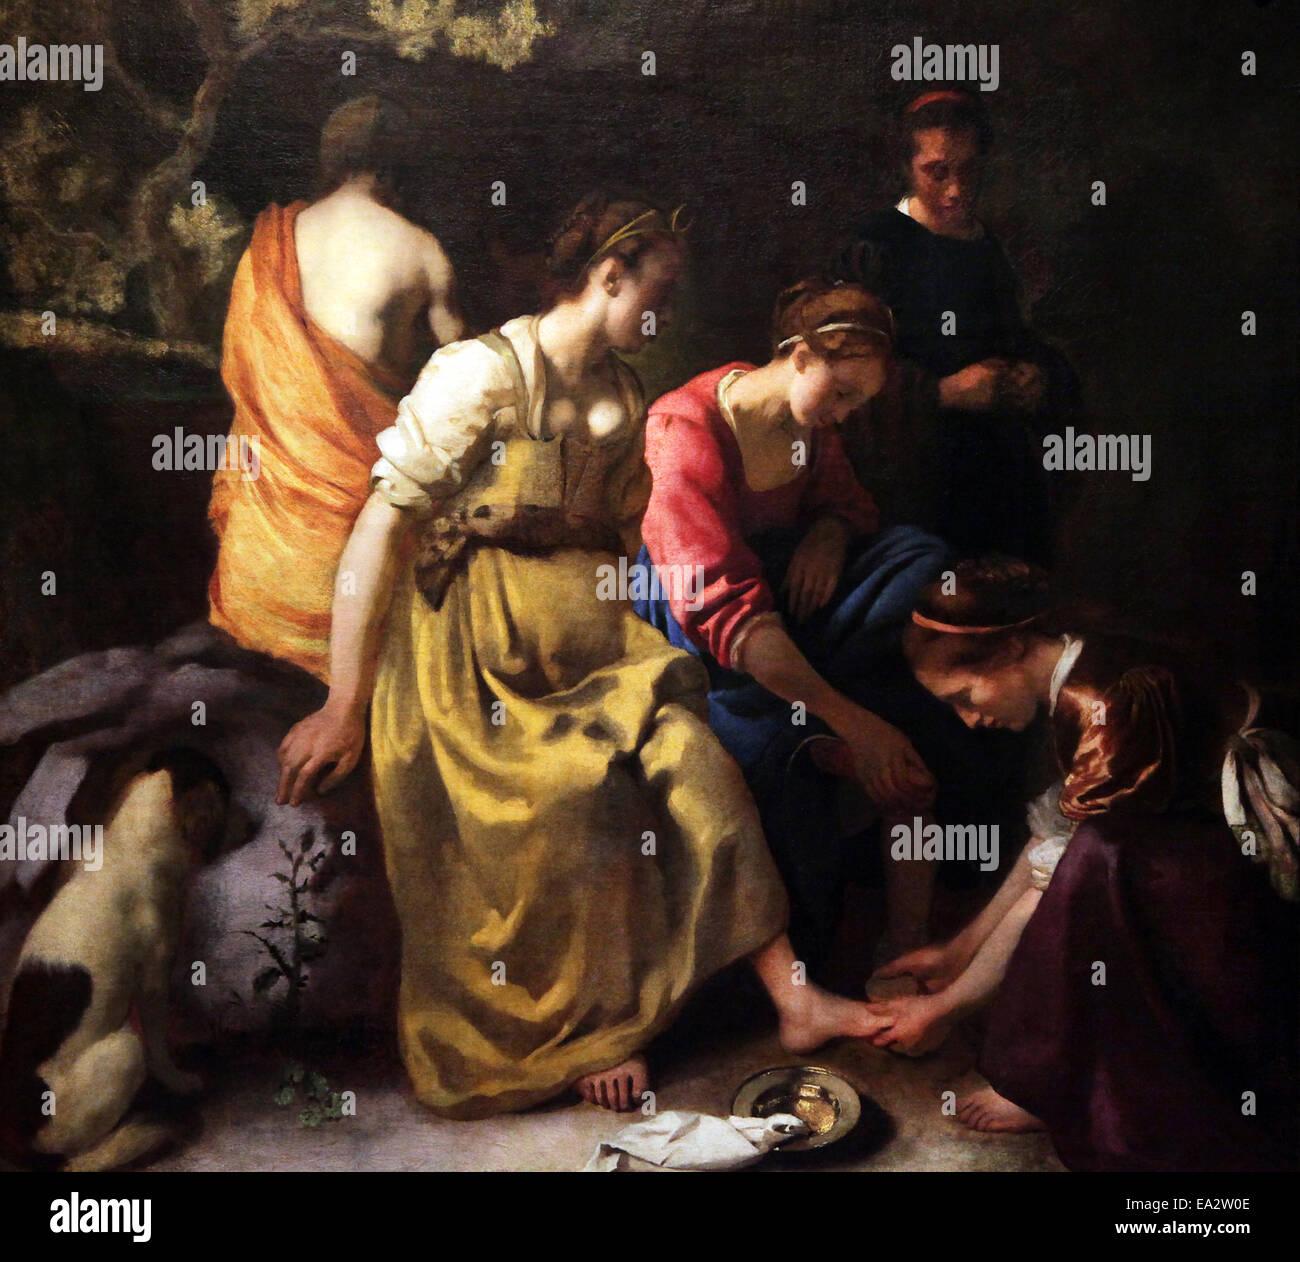 Diana y sus compañeras, una pintura del artista holandés Johannes Vermeer completado en la primera mitad Imagen De Stock